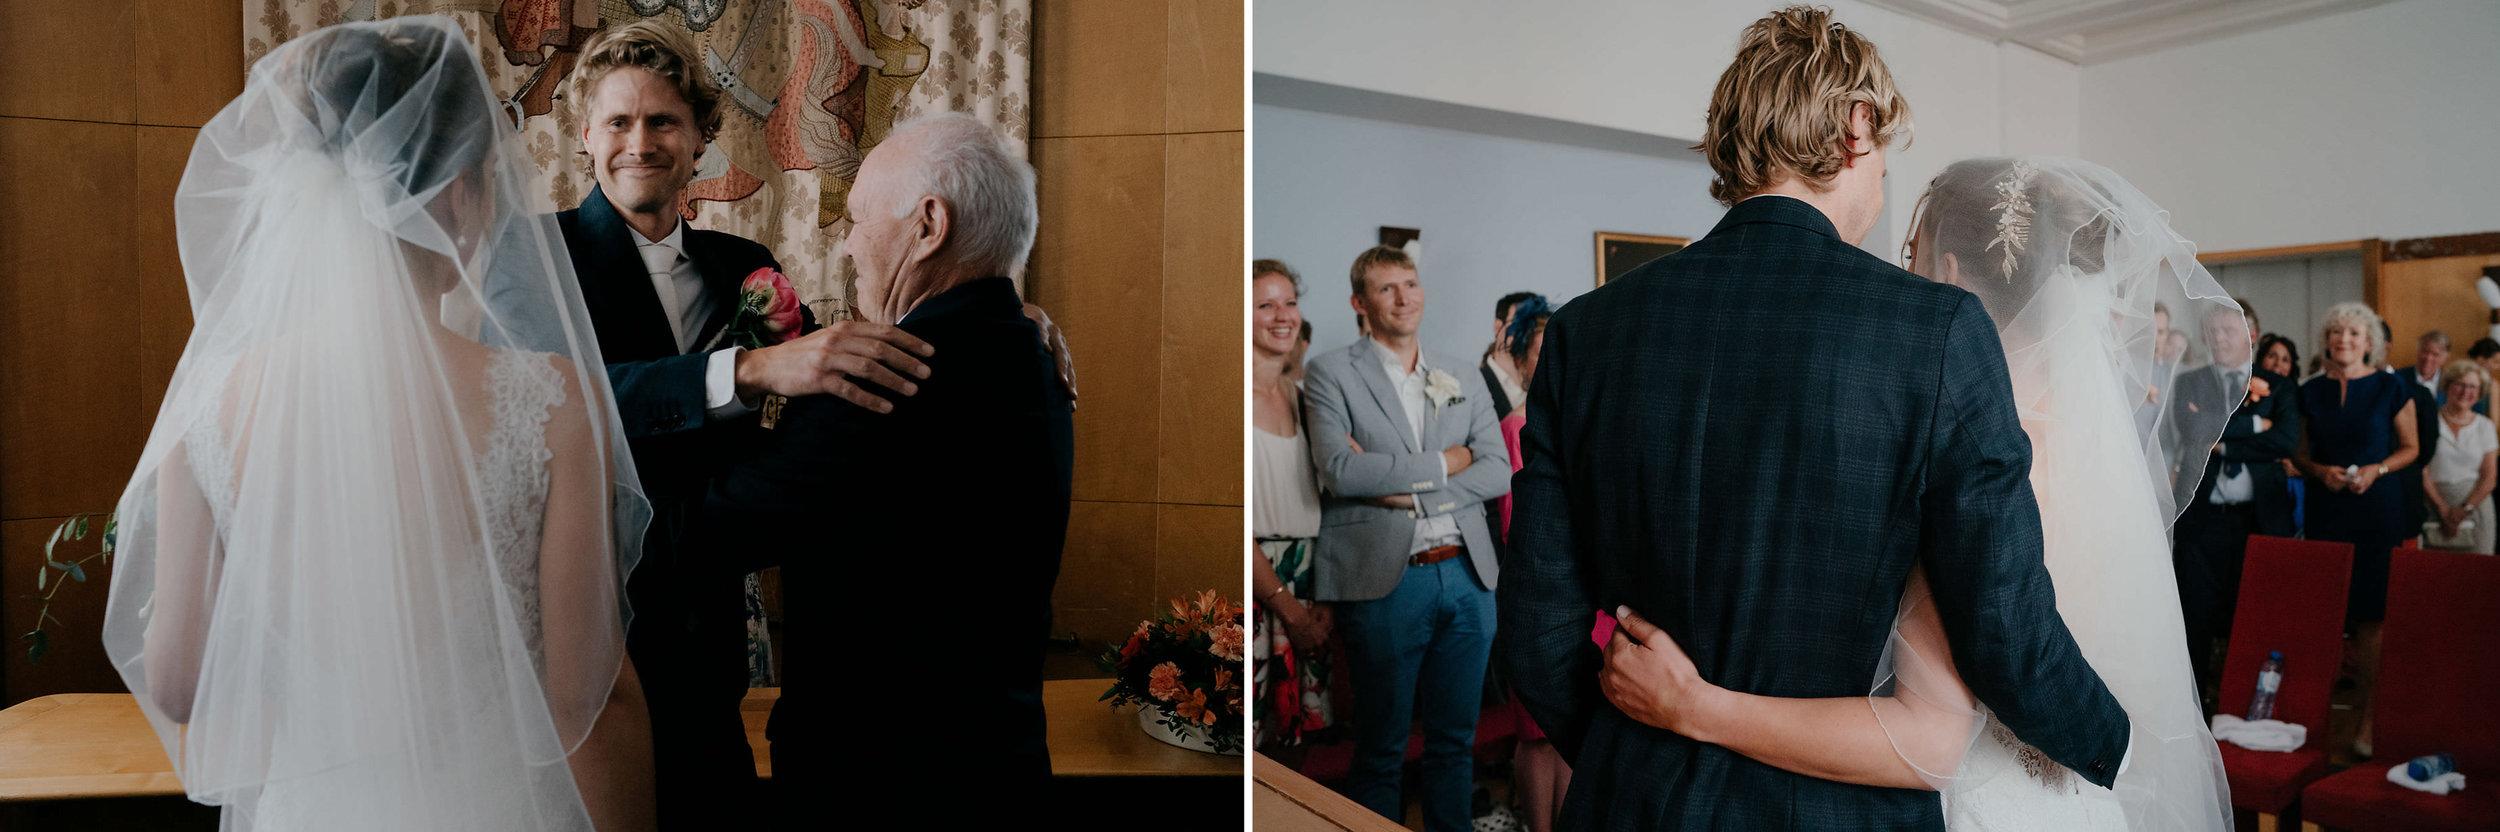 bruiloft fotografie in amsterdam door Mark Hadden